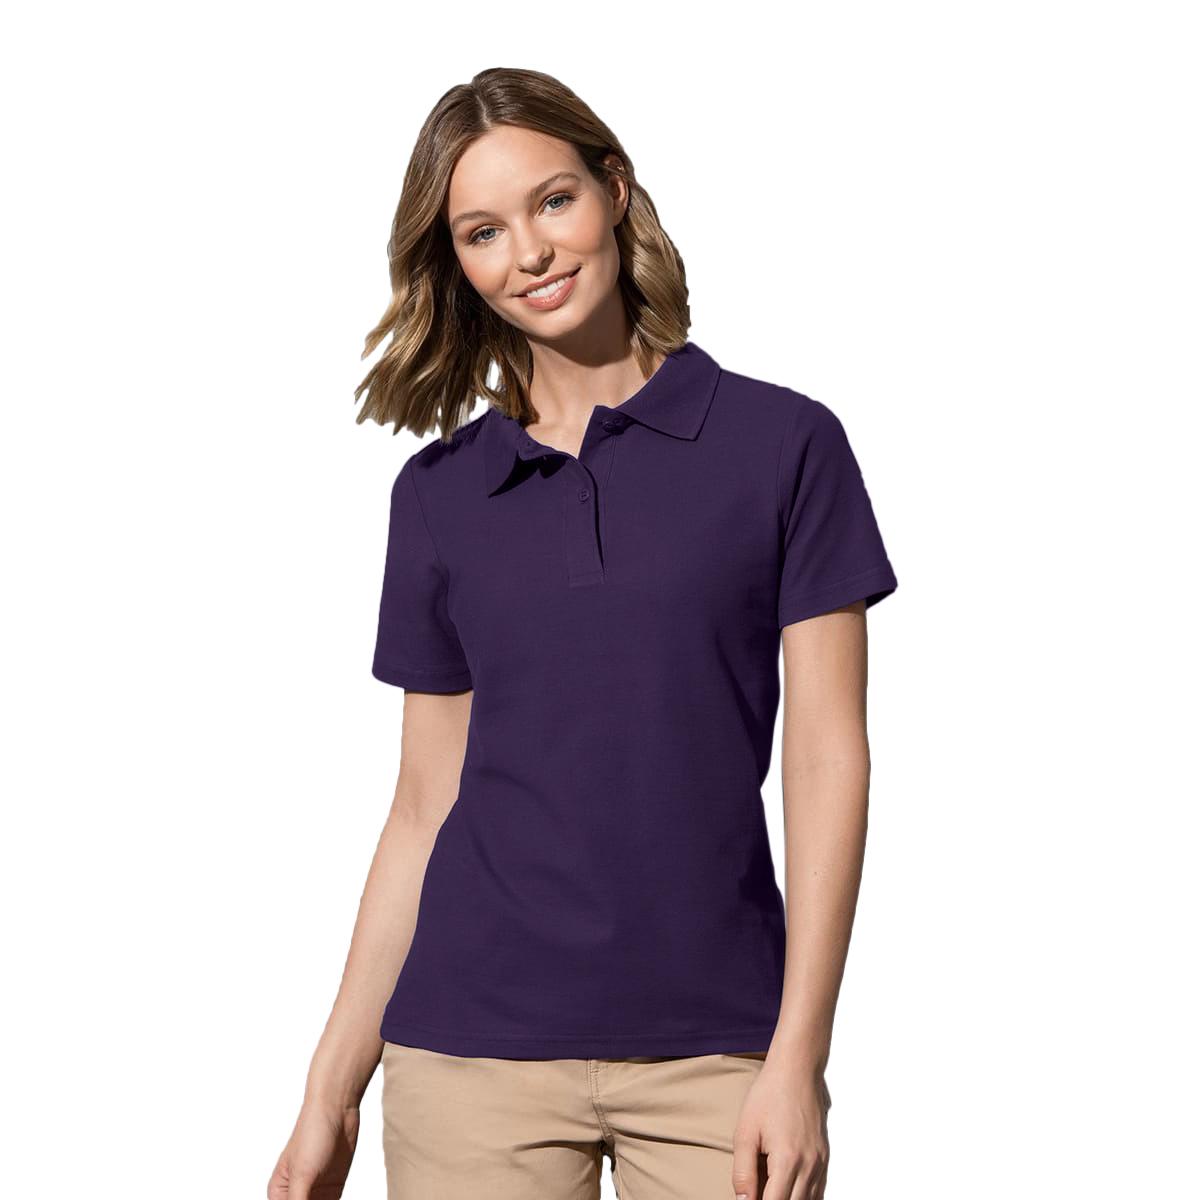 ゴルフ 18%OFF ユニフォーム 制服 スポーツ 鹿の子 ステッドマン Stedman コットン レディース 海外直送 ポロシャツ 半袖 送料無料新品 無地